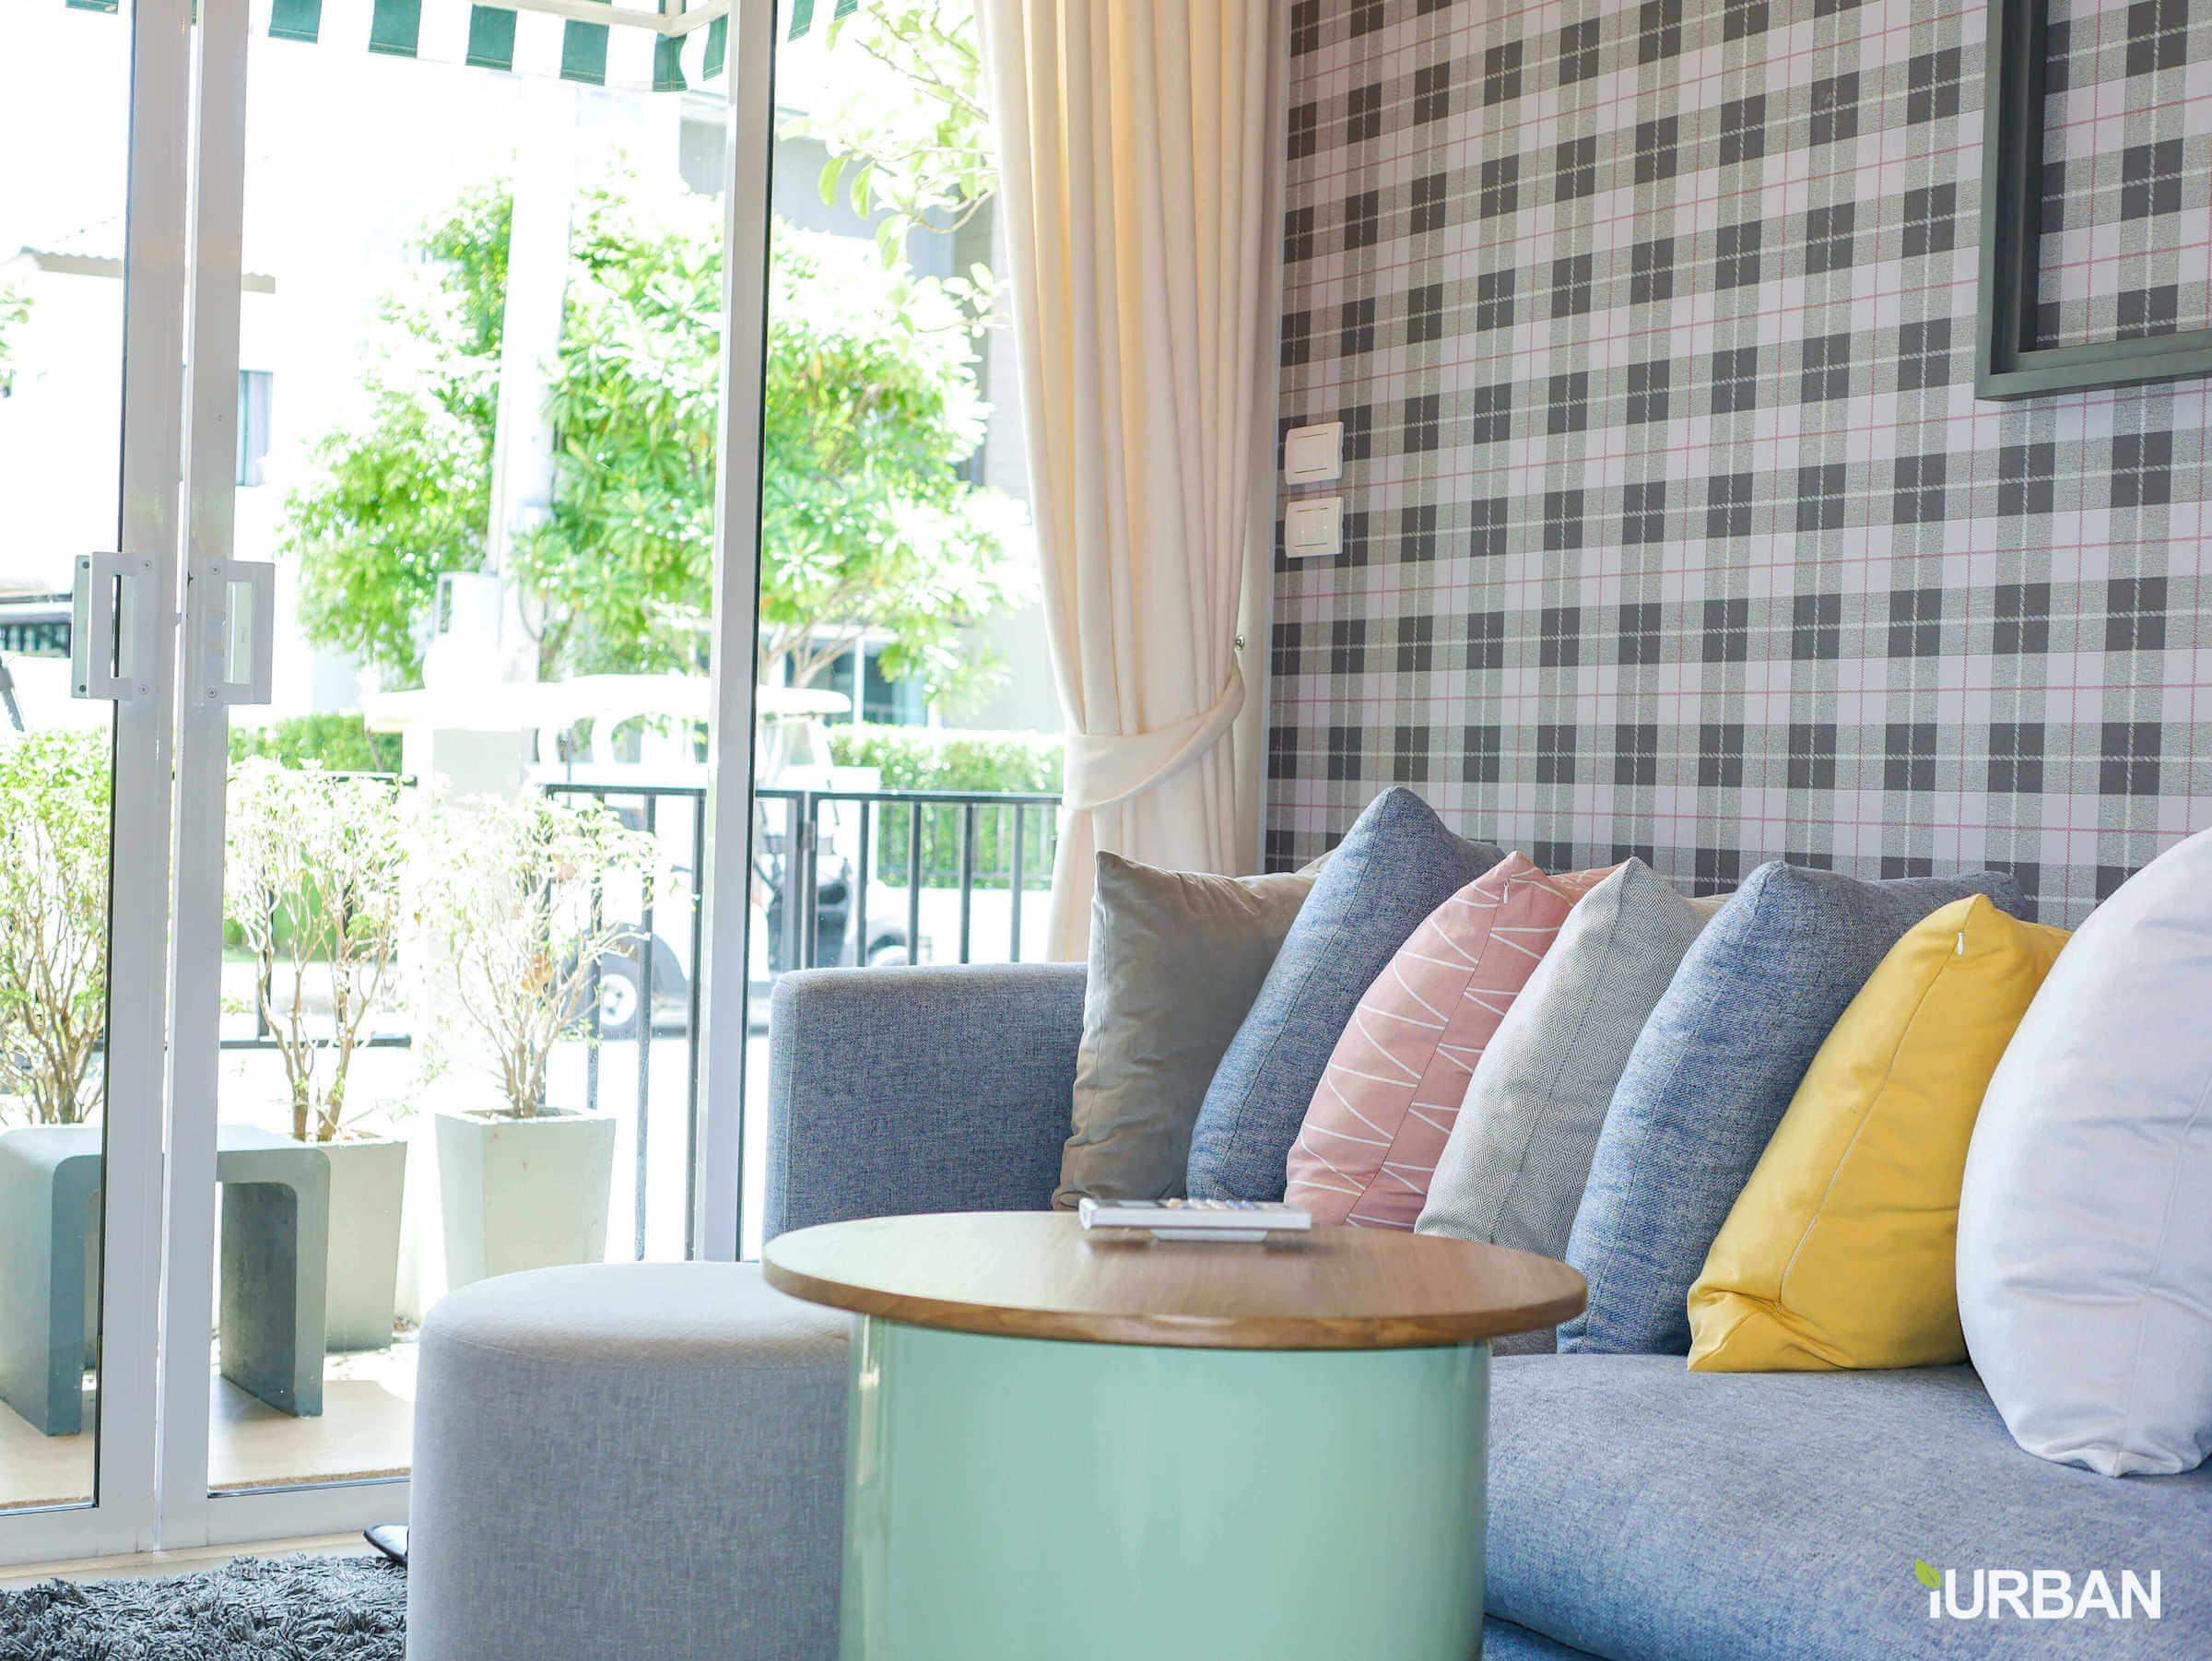 """รีวิว The Colours ทาวน์โฮม by Areeya บนทำเลที่กำลังเติบโต """"ข้างเมกาบางนาและอิเกีย"""" 37 - Areeya Property (อารียา พรอพเพอร์ตี้)"""